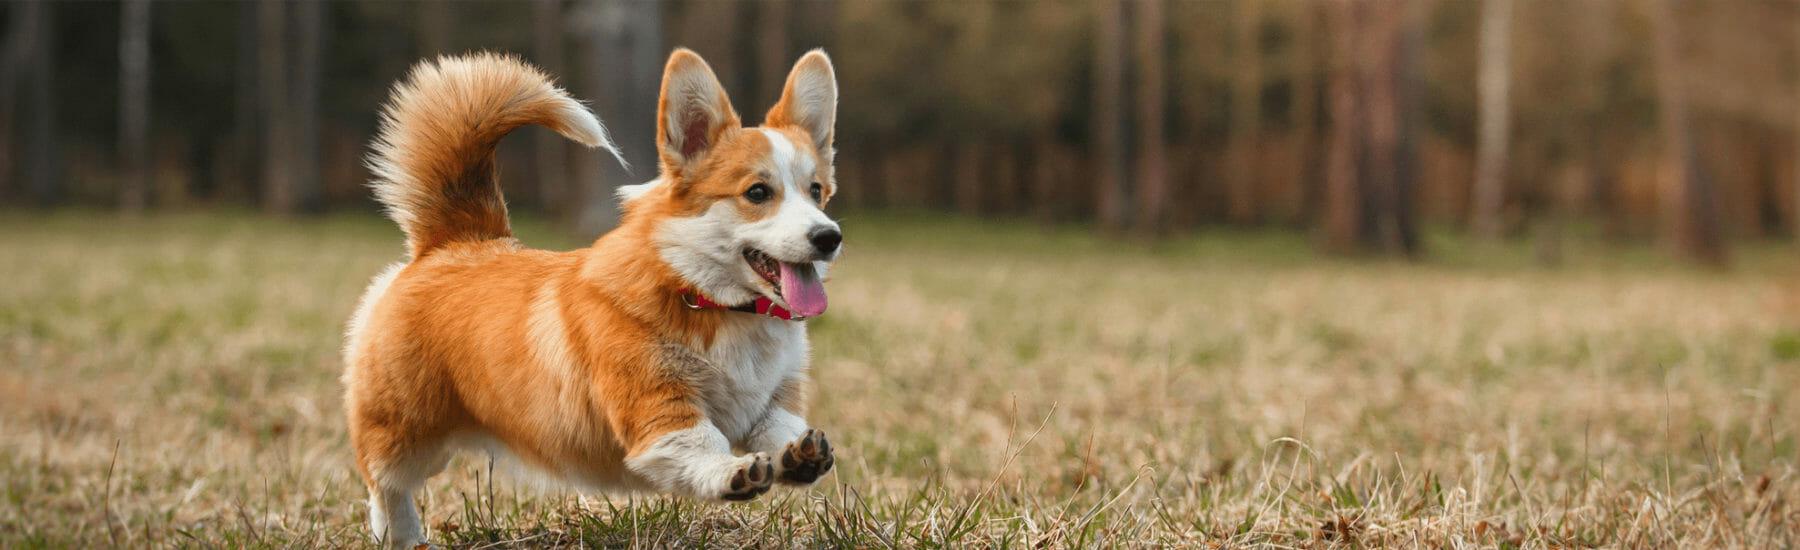 Orange dog jumping through grass